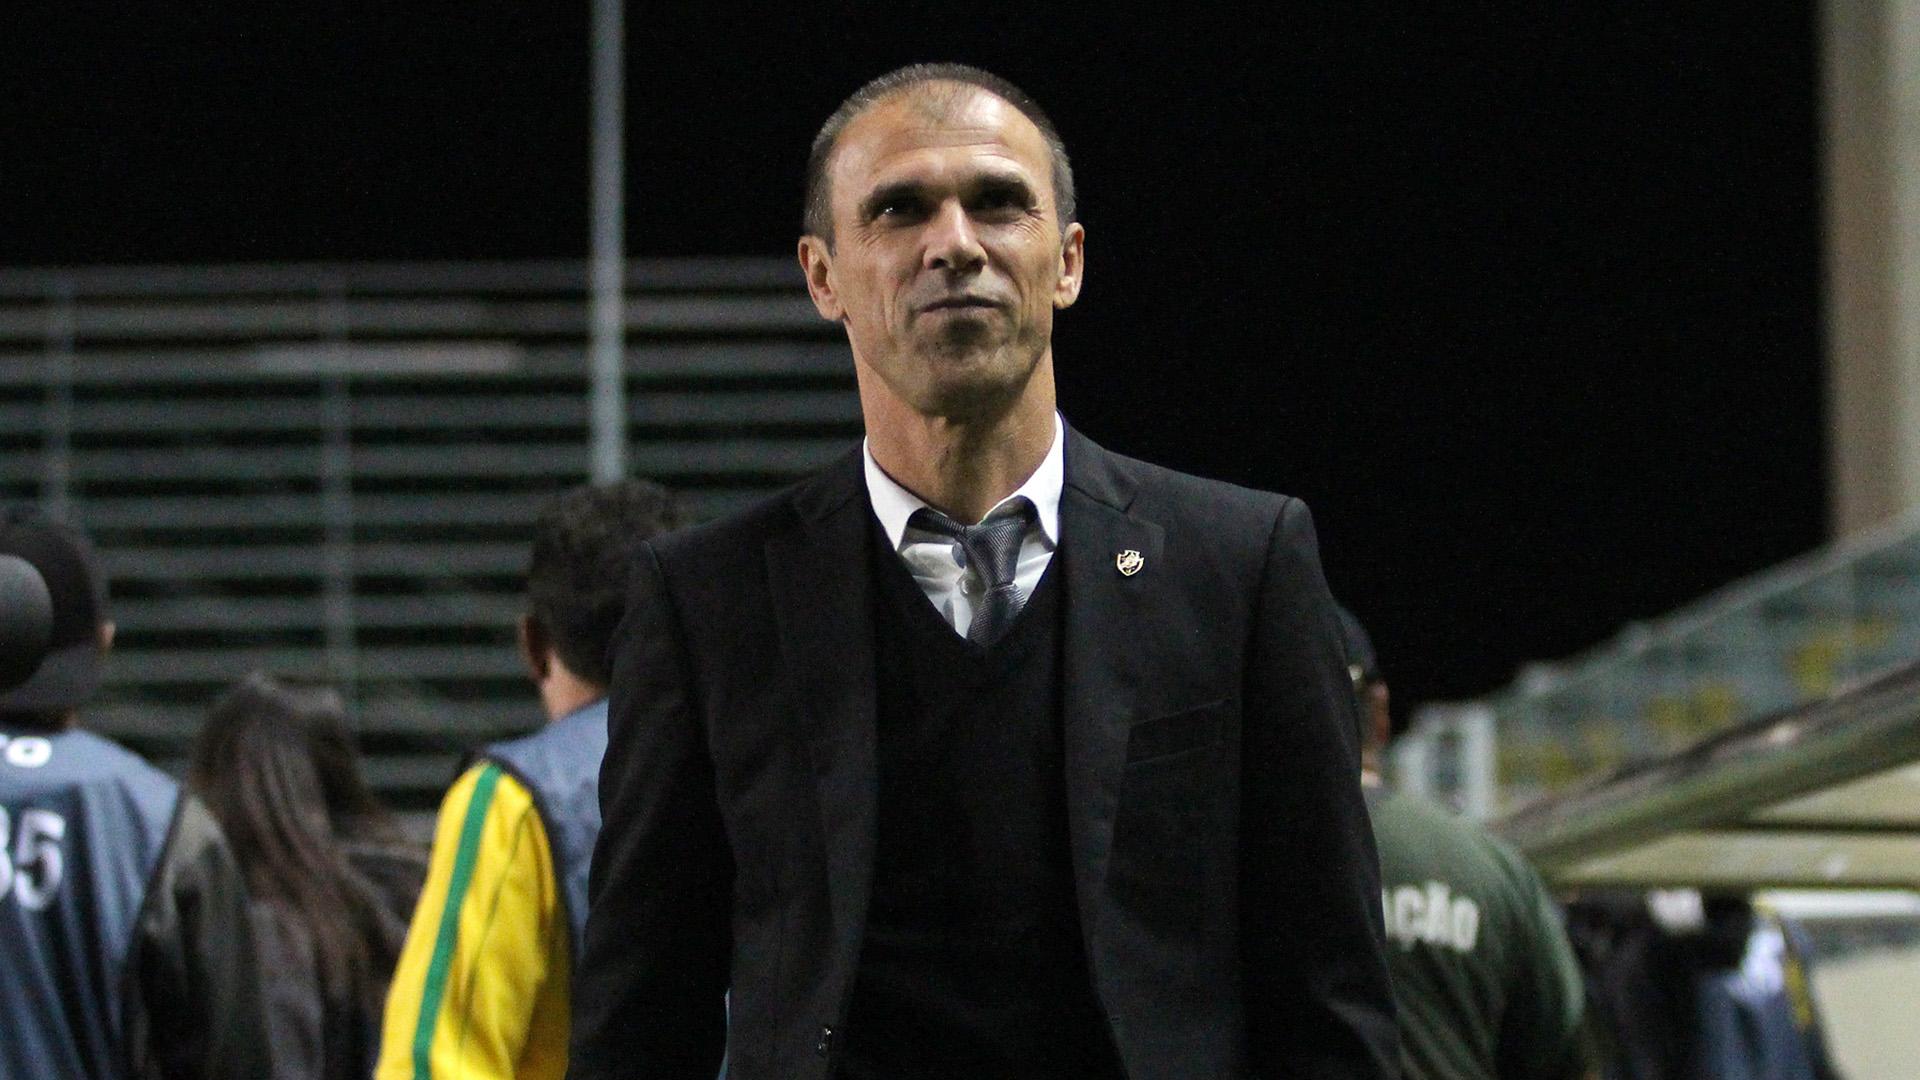 Após empurrão, Milton Mendes presta queixa contra Rodrigo em delegacia